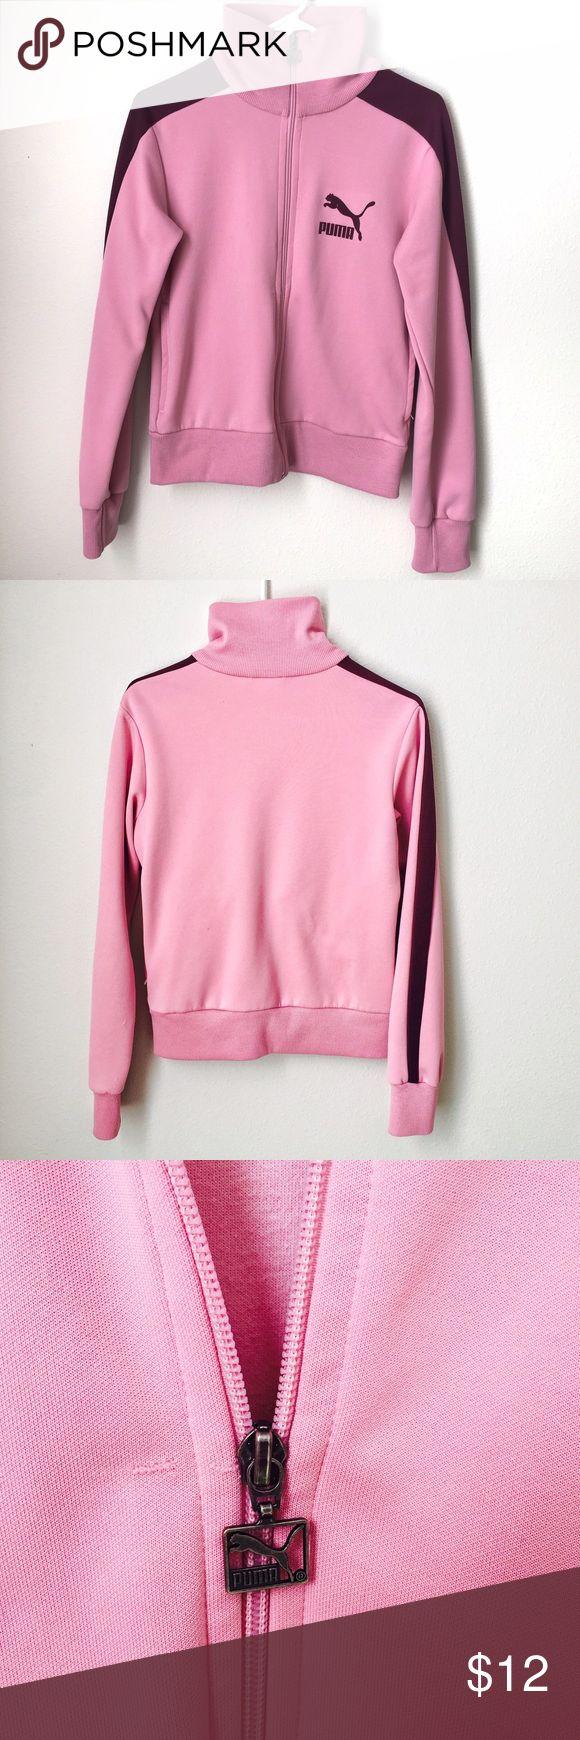 81b15342111e Buy puma jacket pink   OFF48% Discounts